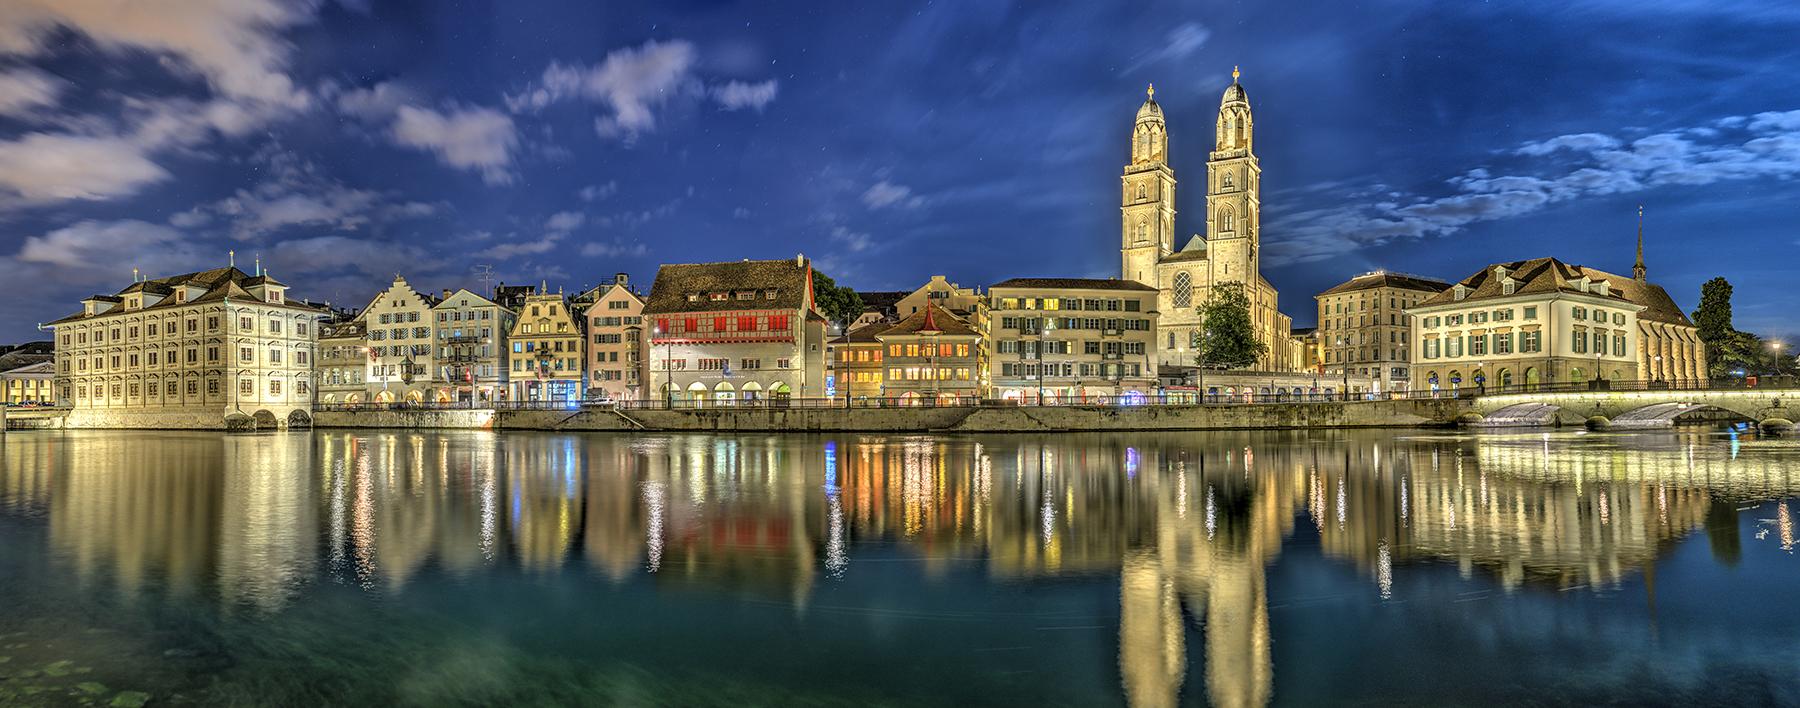 Jochen_Brillowski_Landscapes_Zurich_5.jpg